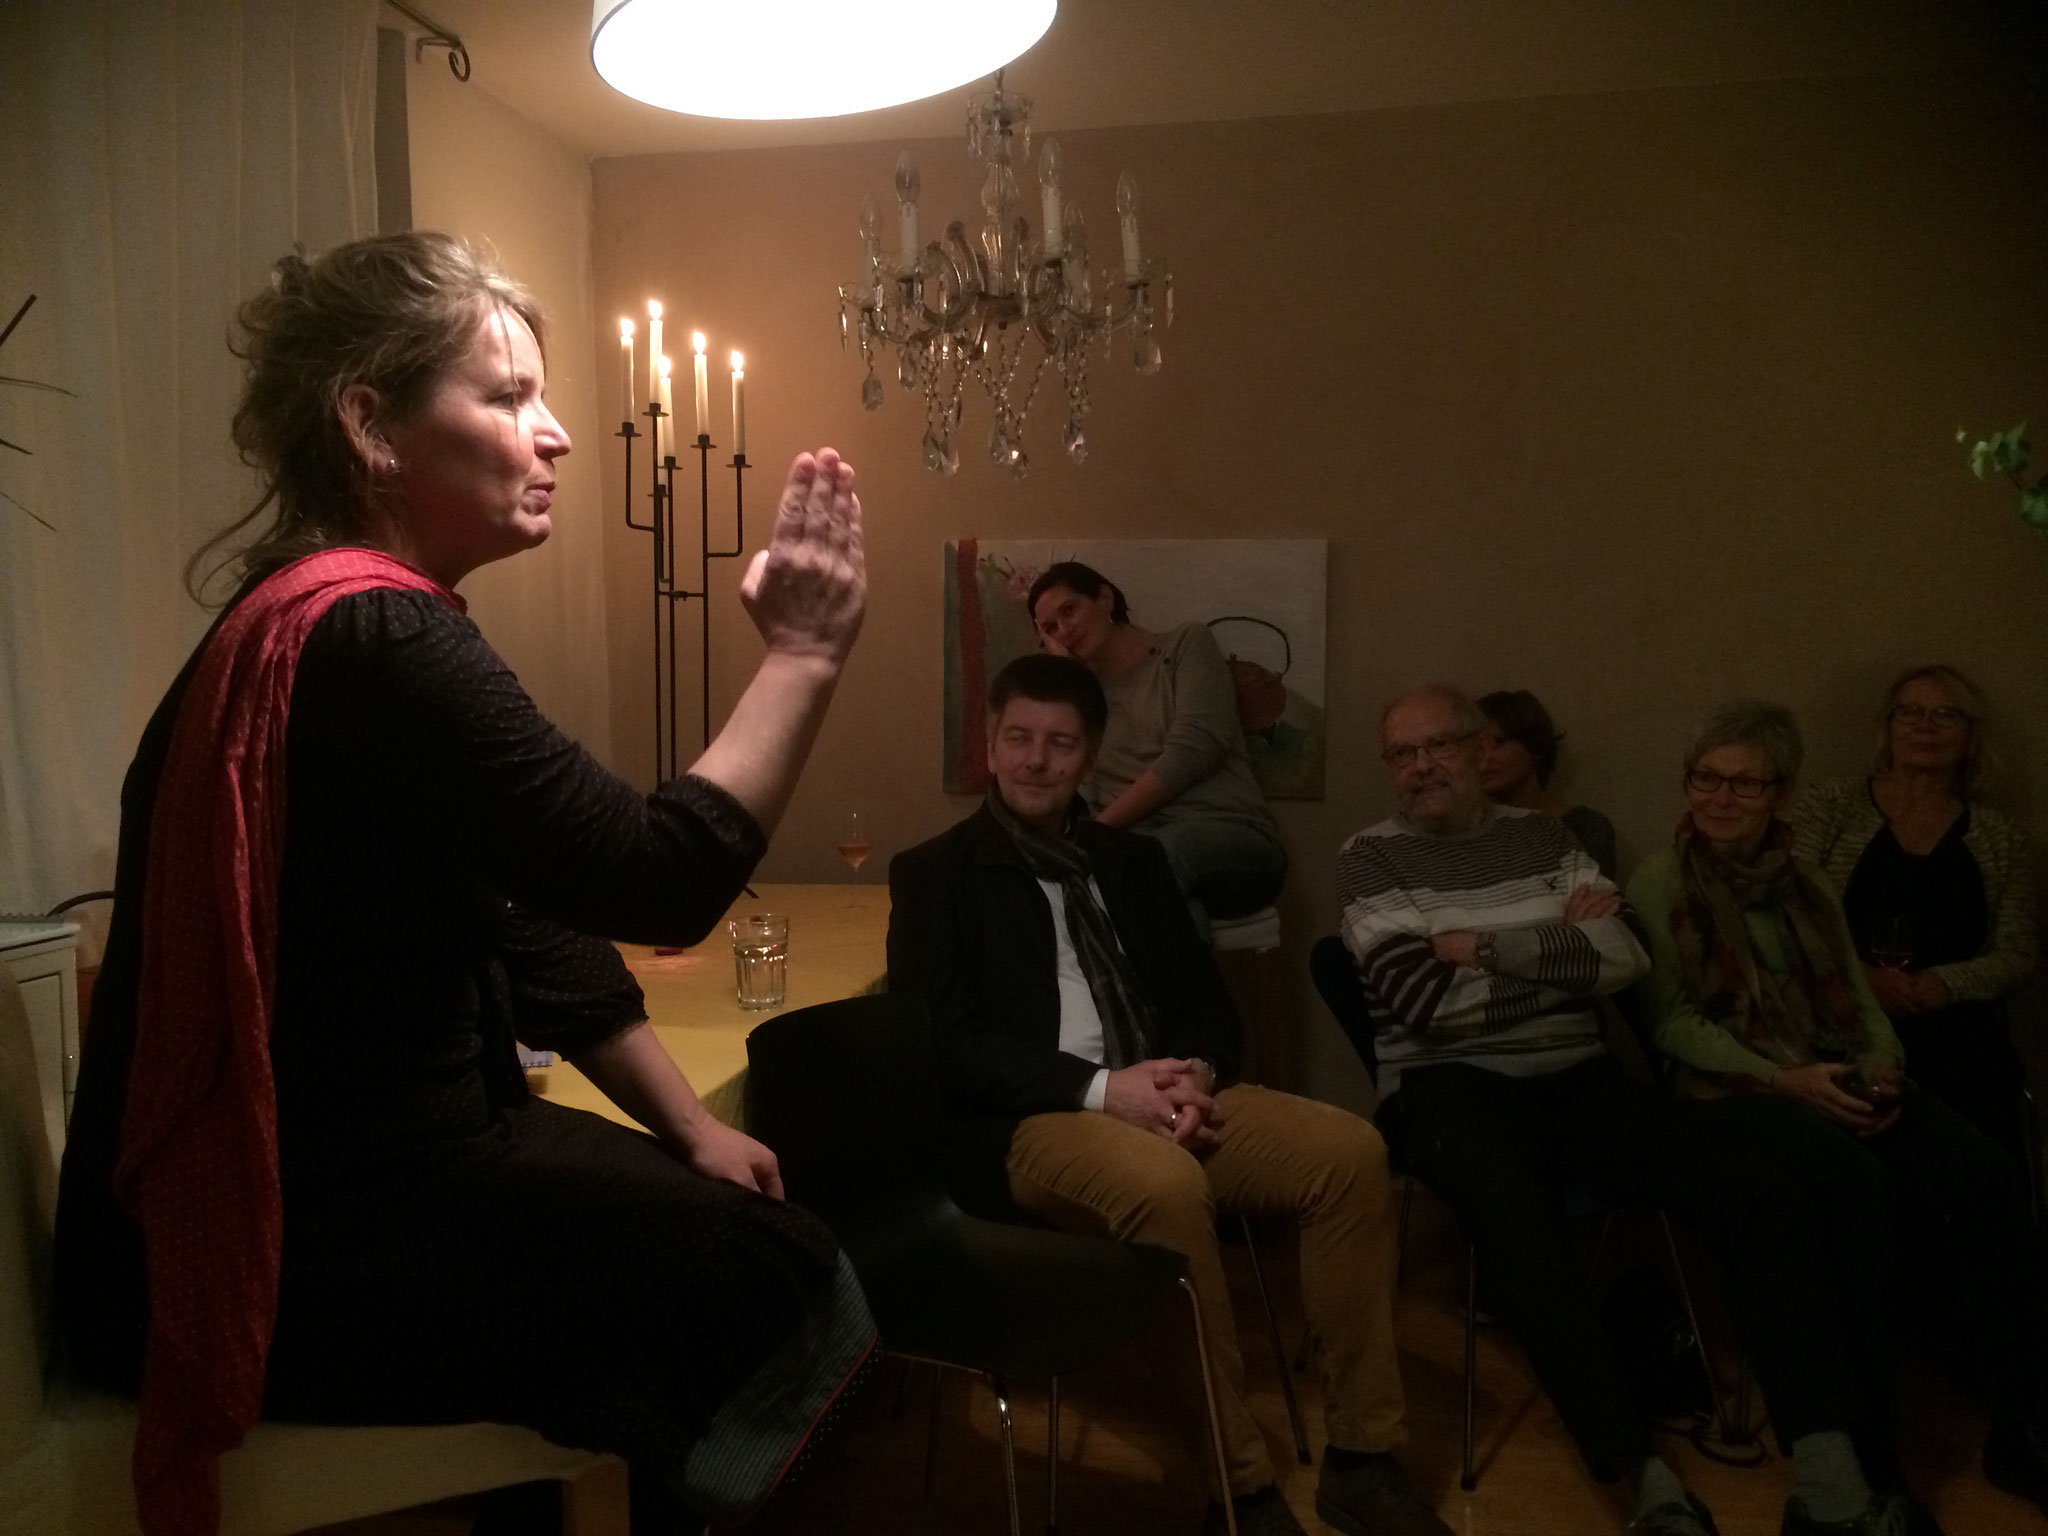 GUTE STUBE in guten Stuben | Kerstin Otto